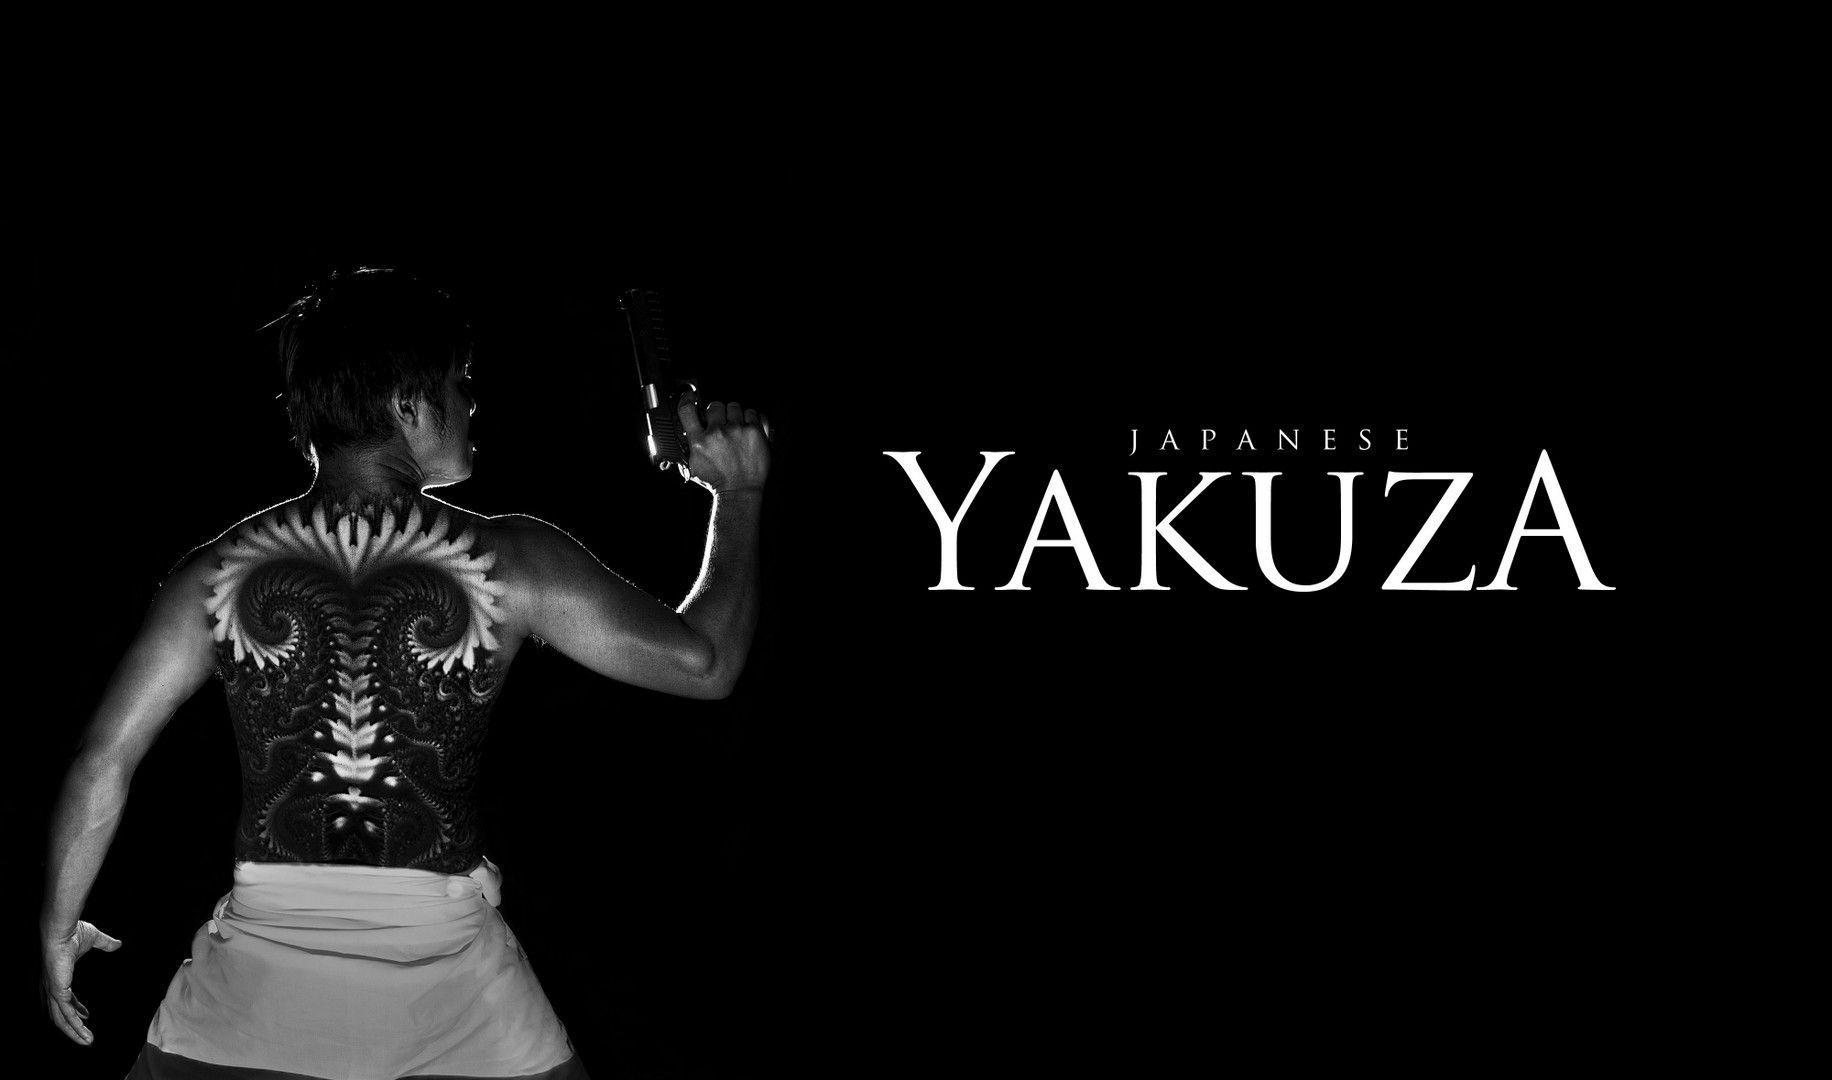 Wallpapers Yakuza - Wallpaper Cave